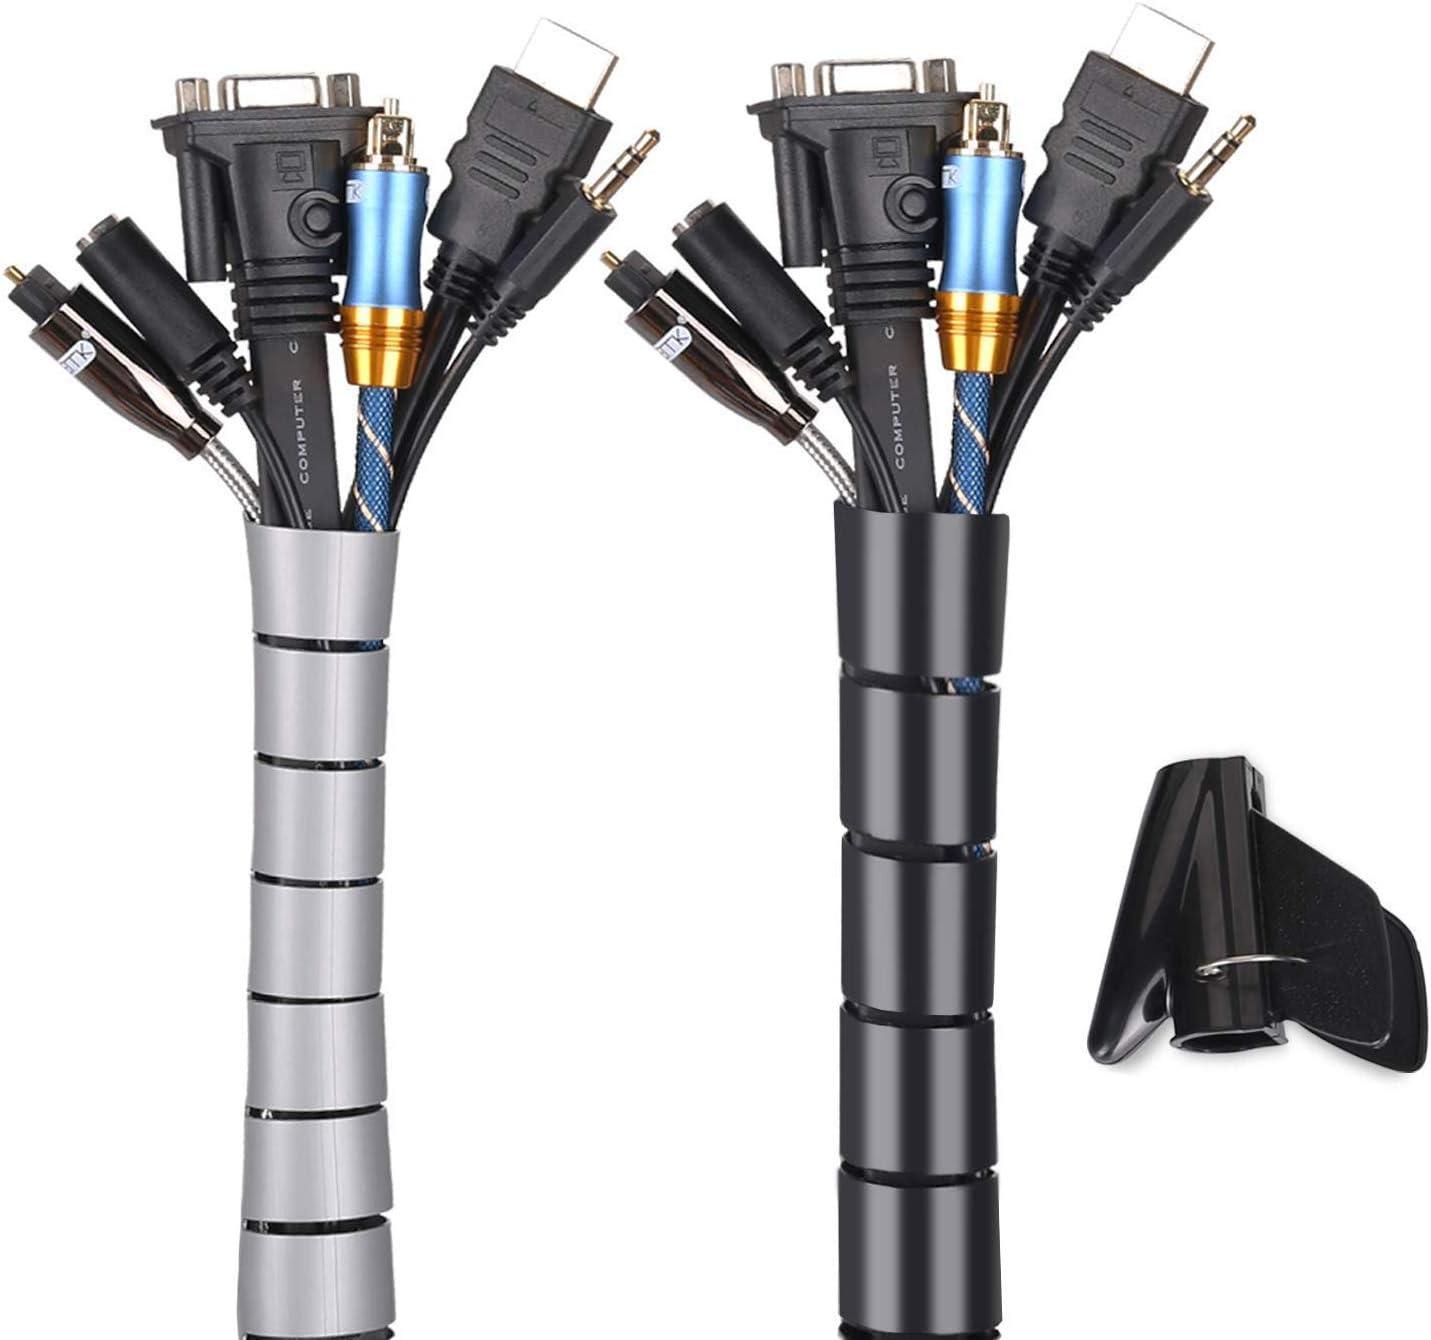 ,Noir Cache Cable 2 Pack,Flexible Range C/âble Mosotech 2x3m PE C/âble Rangement Organisateur de C/âble pour Ranger ou Cacher les c/âbles,Gaine pour c/âbles 2.2cm /Ø et 1.6cm/Ø